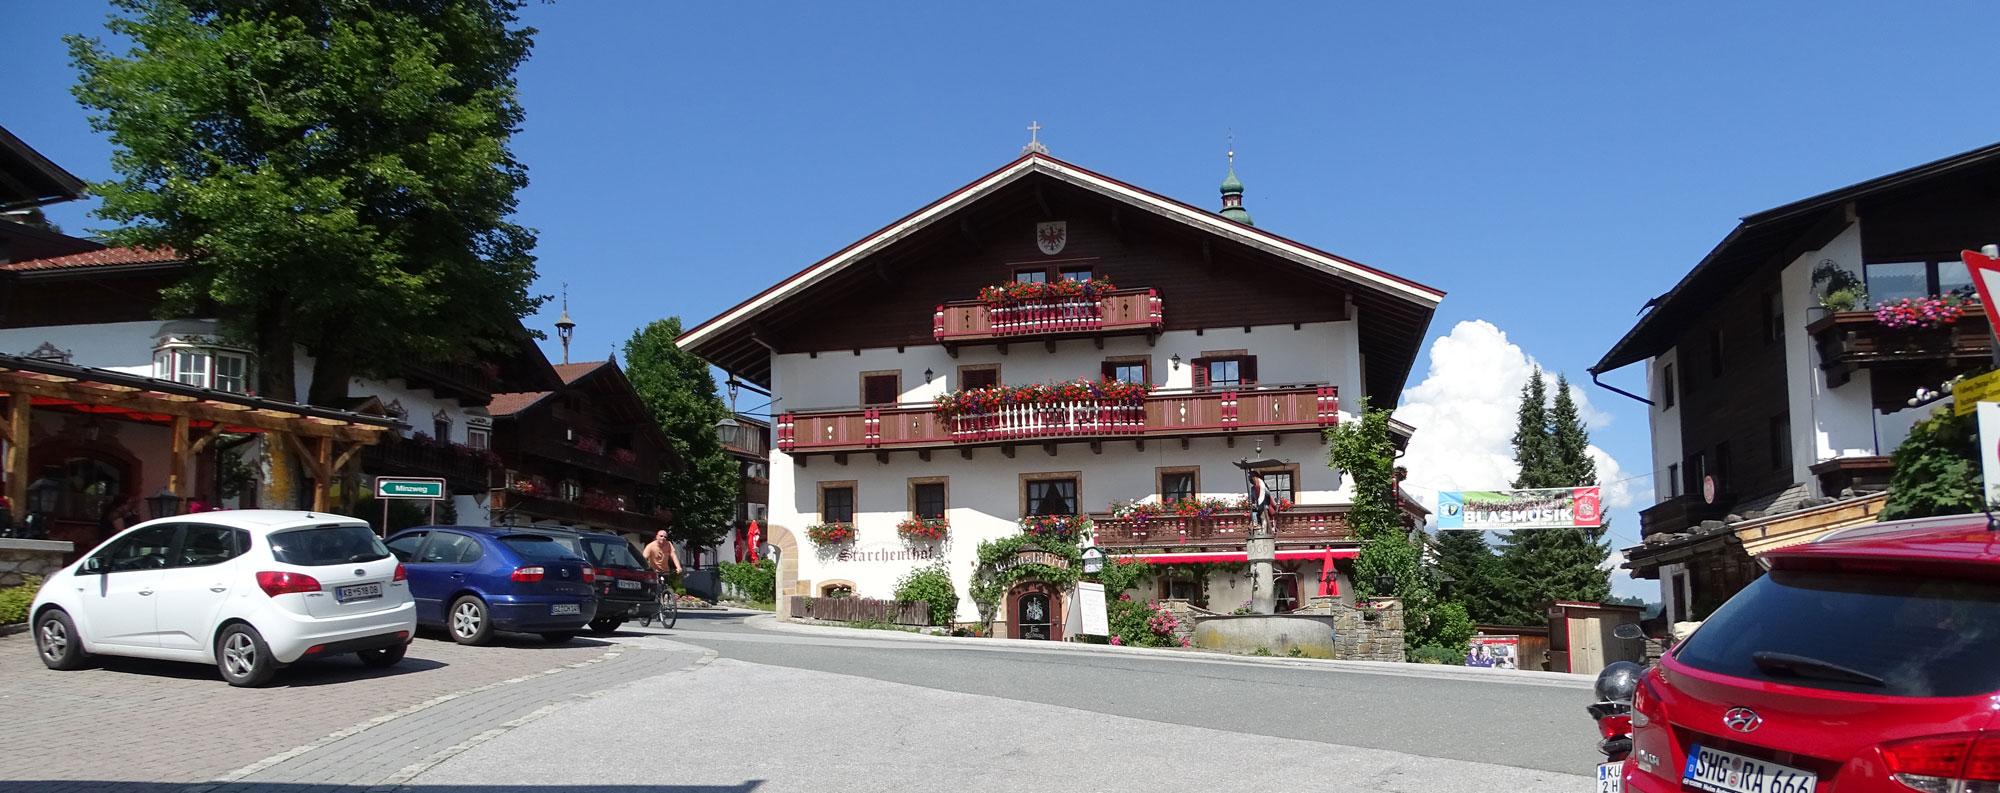 starchenthof wildschönau